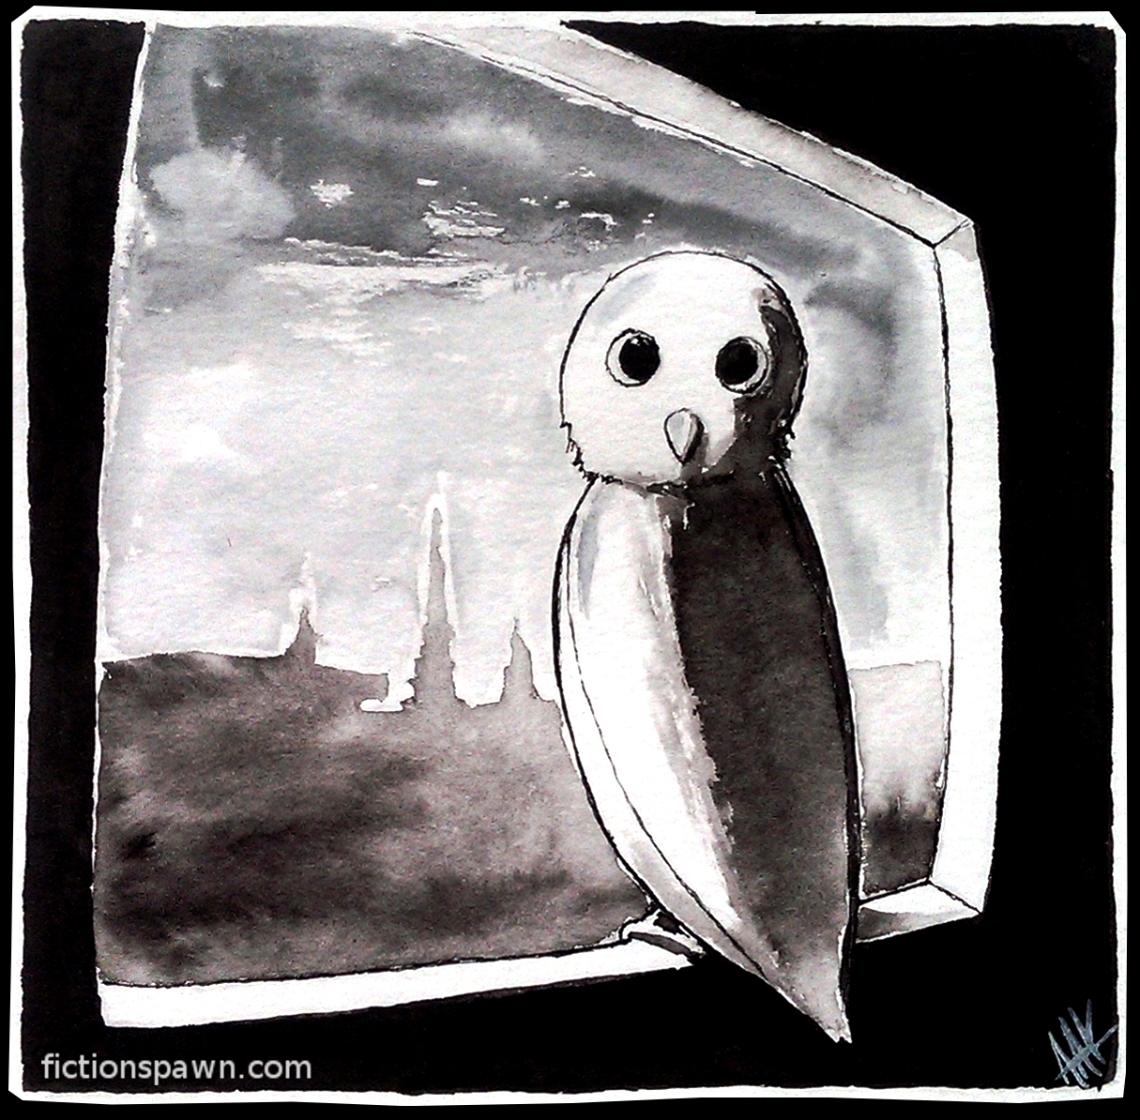 Owl in the Window. Aak fictionspwn